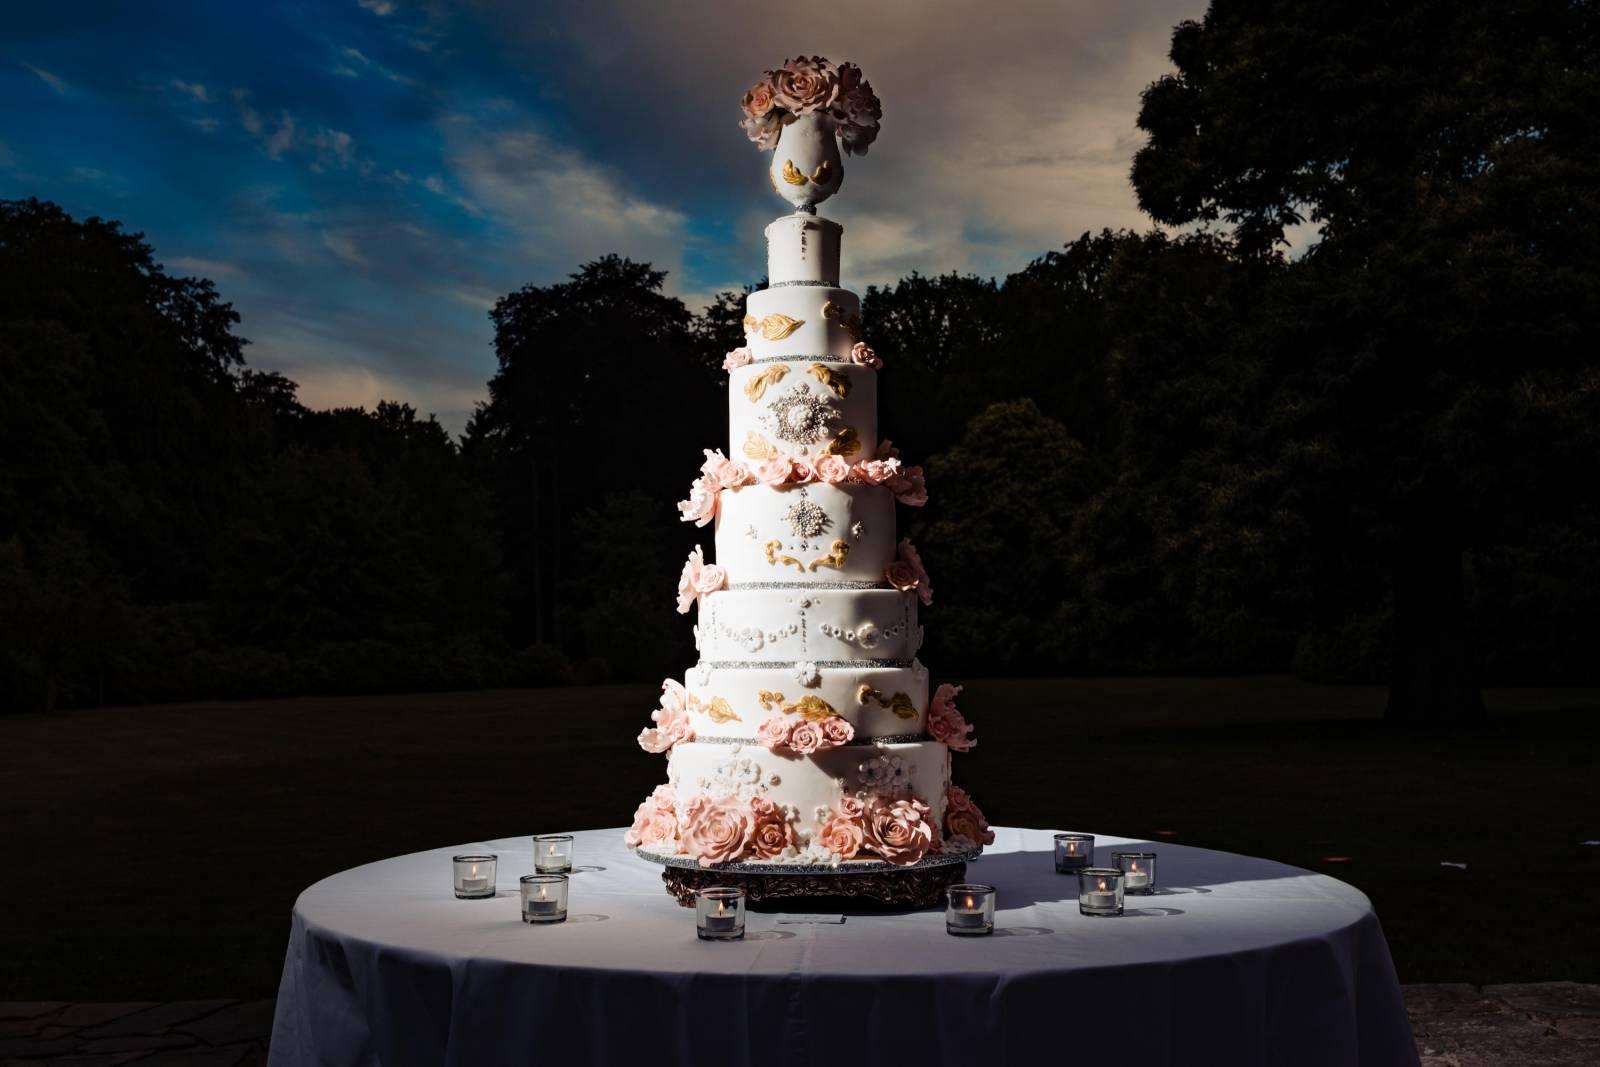 t Suikerhuys - Huwelijkstaart - Bruidstaart - House of Weddings - 14